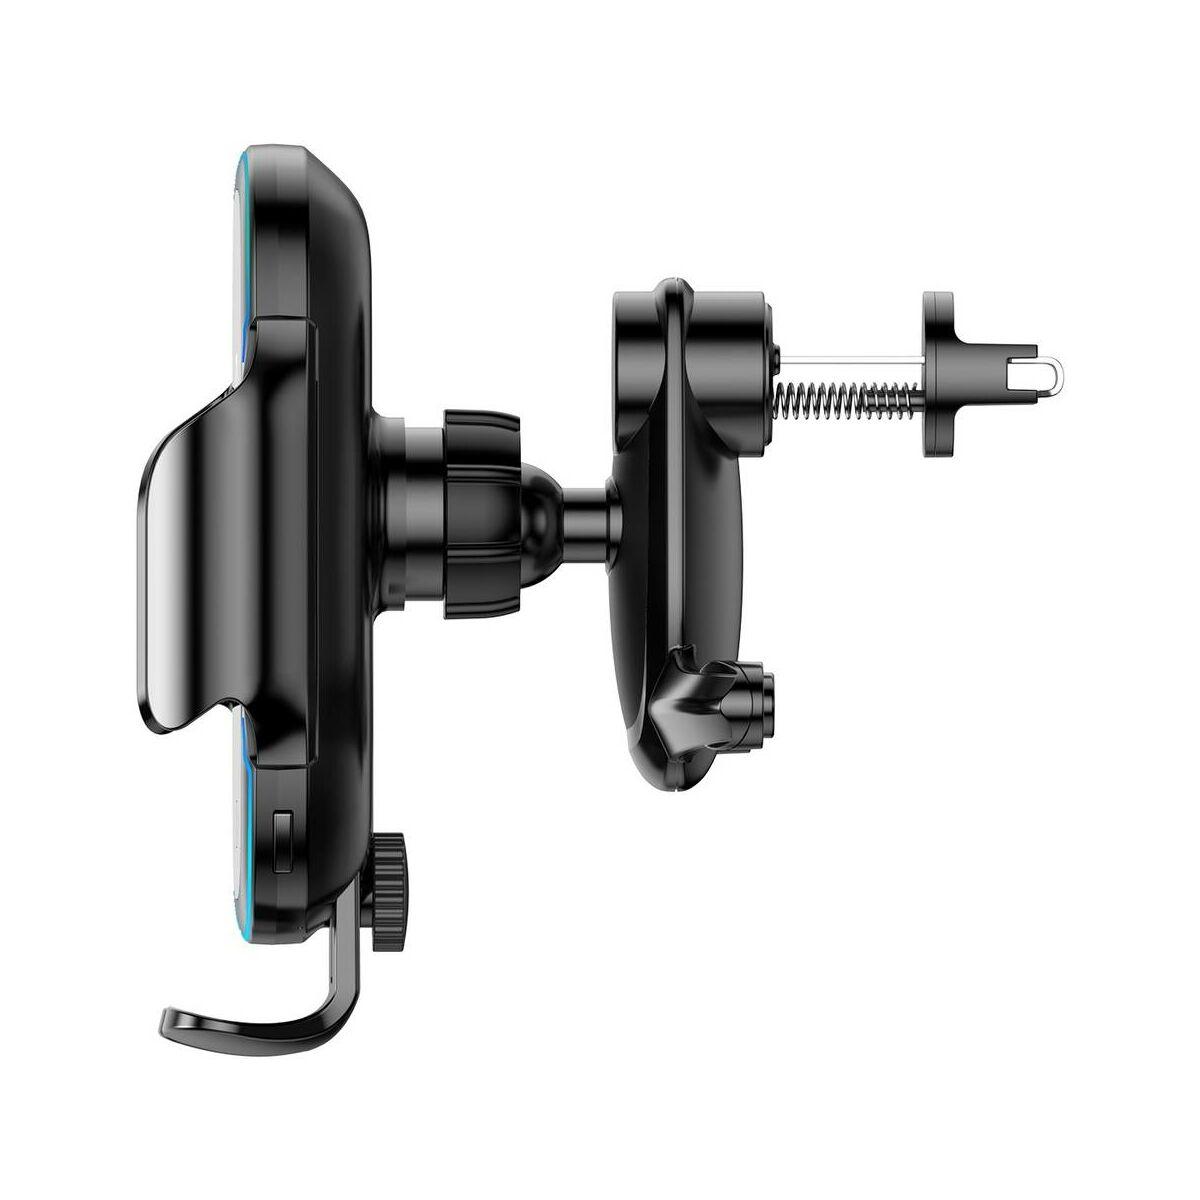 Baseus autós telefon tartó, vezeték nélküli töltő, Light Electric elektromos nyitás, automata infra szenzoros zárás, 15W, fekete (WXHW03-01)